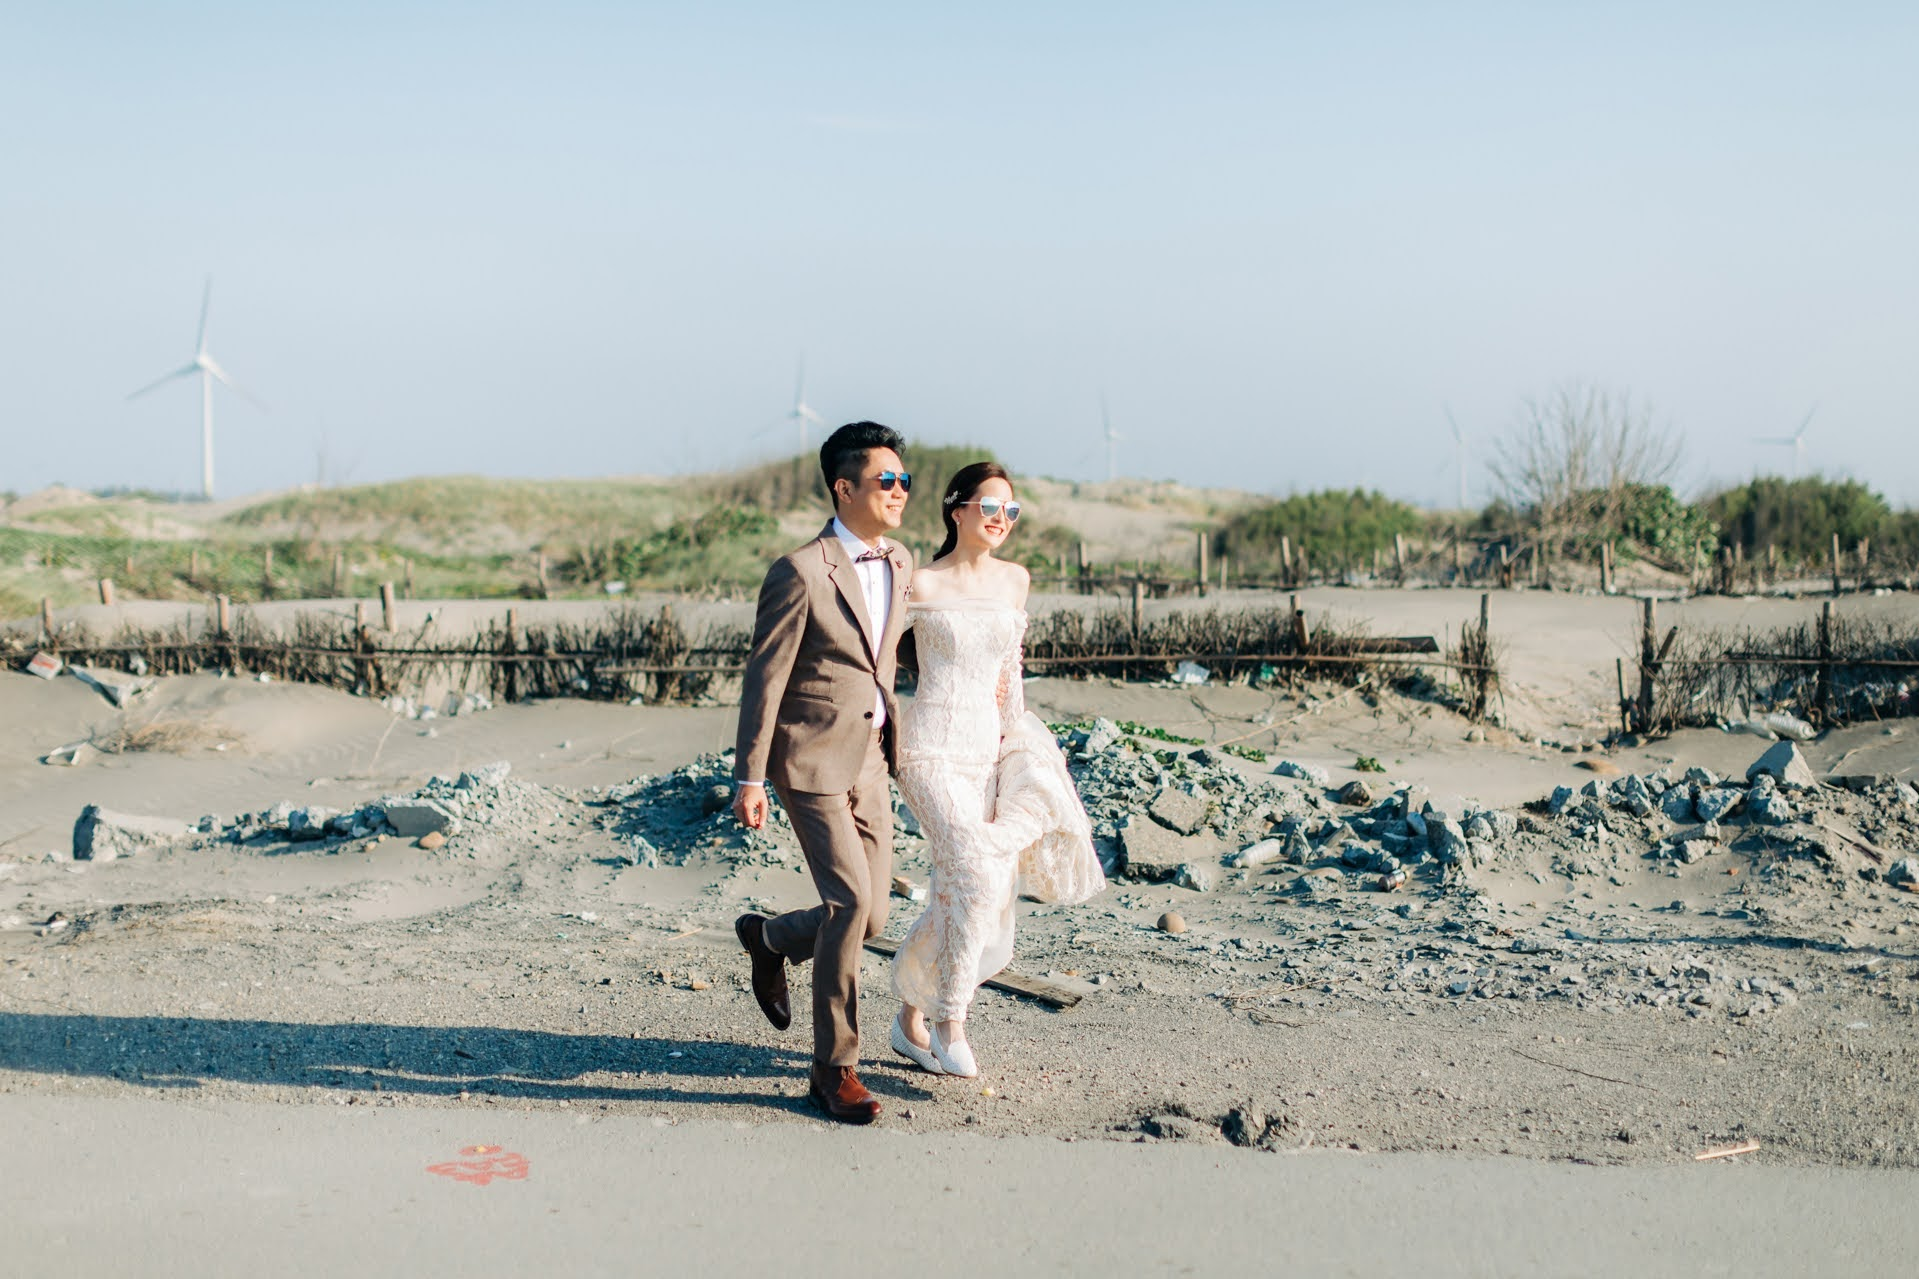 初夏,在顏氏牧場和優美的海灘,替Wiki和Diane拍攝了這組婚紗照,除了牧場內的美景,黃昏時伴隨著美麗的夕陽和煙花,兩人漫步在沙灘上,享受只屬於他們的約會片刻。